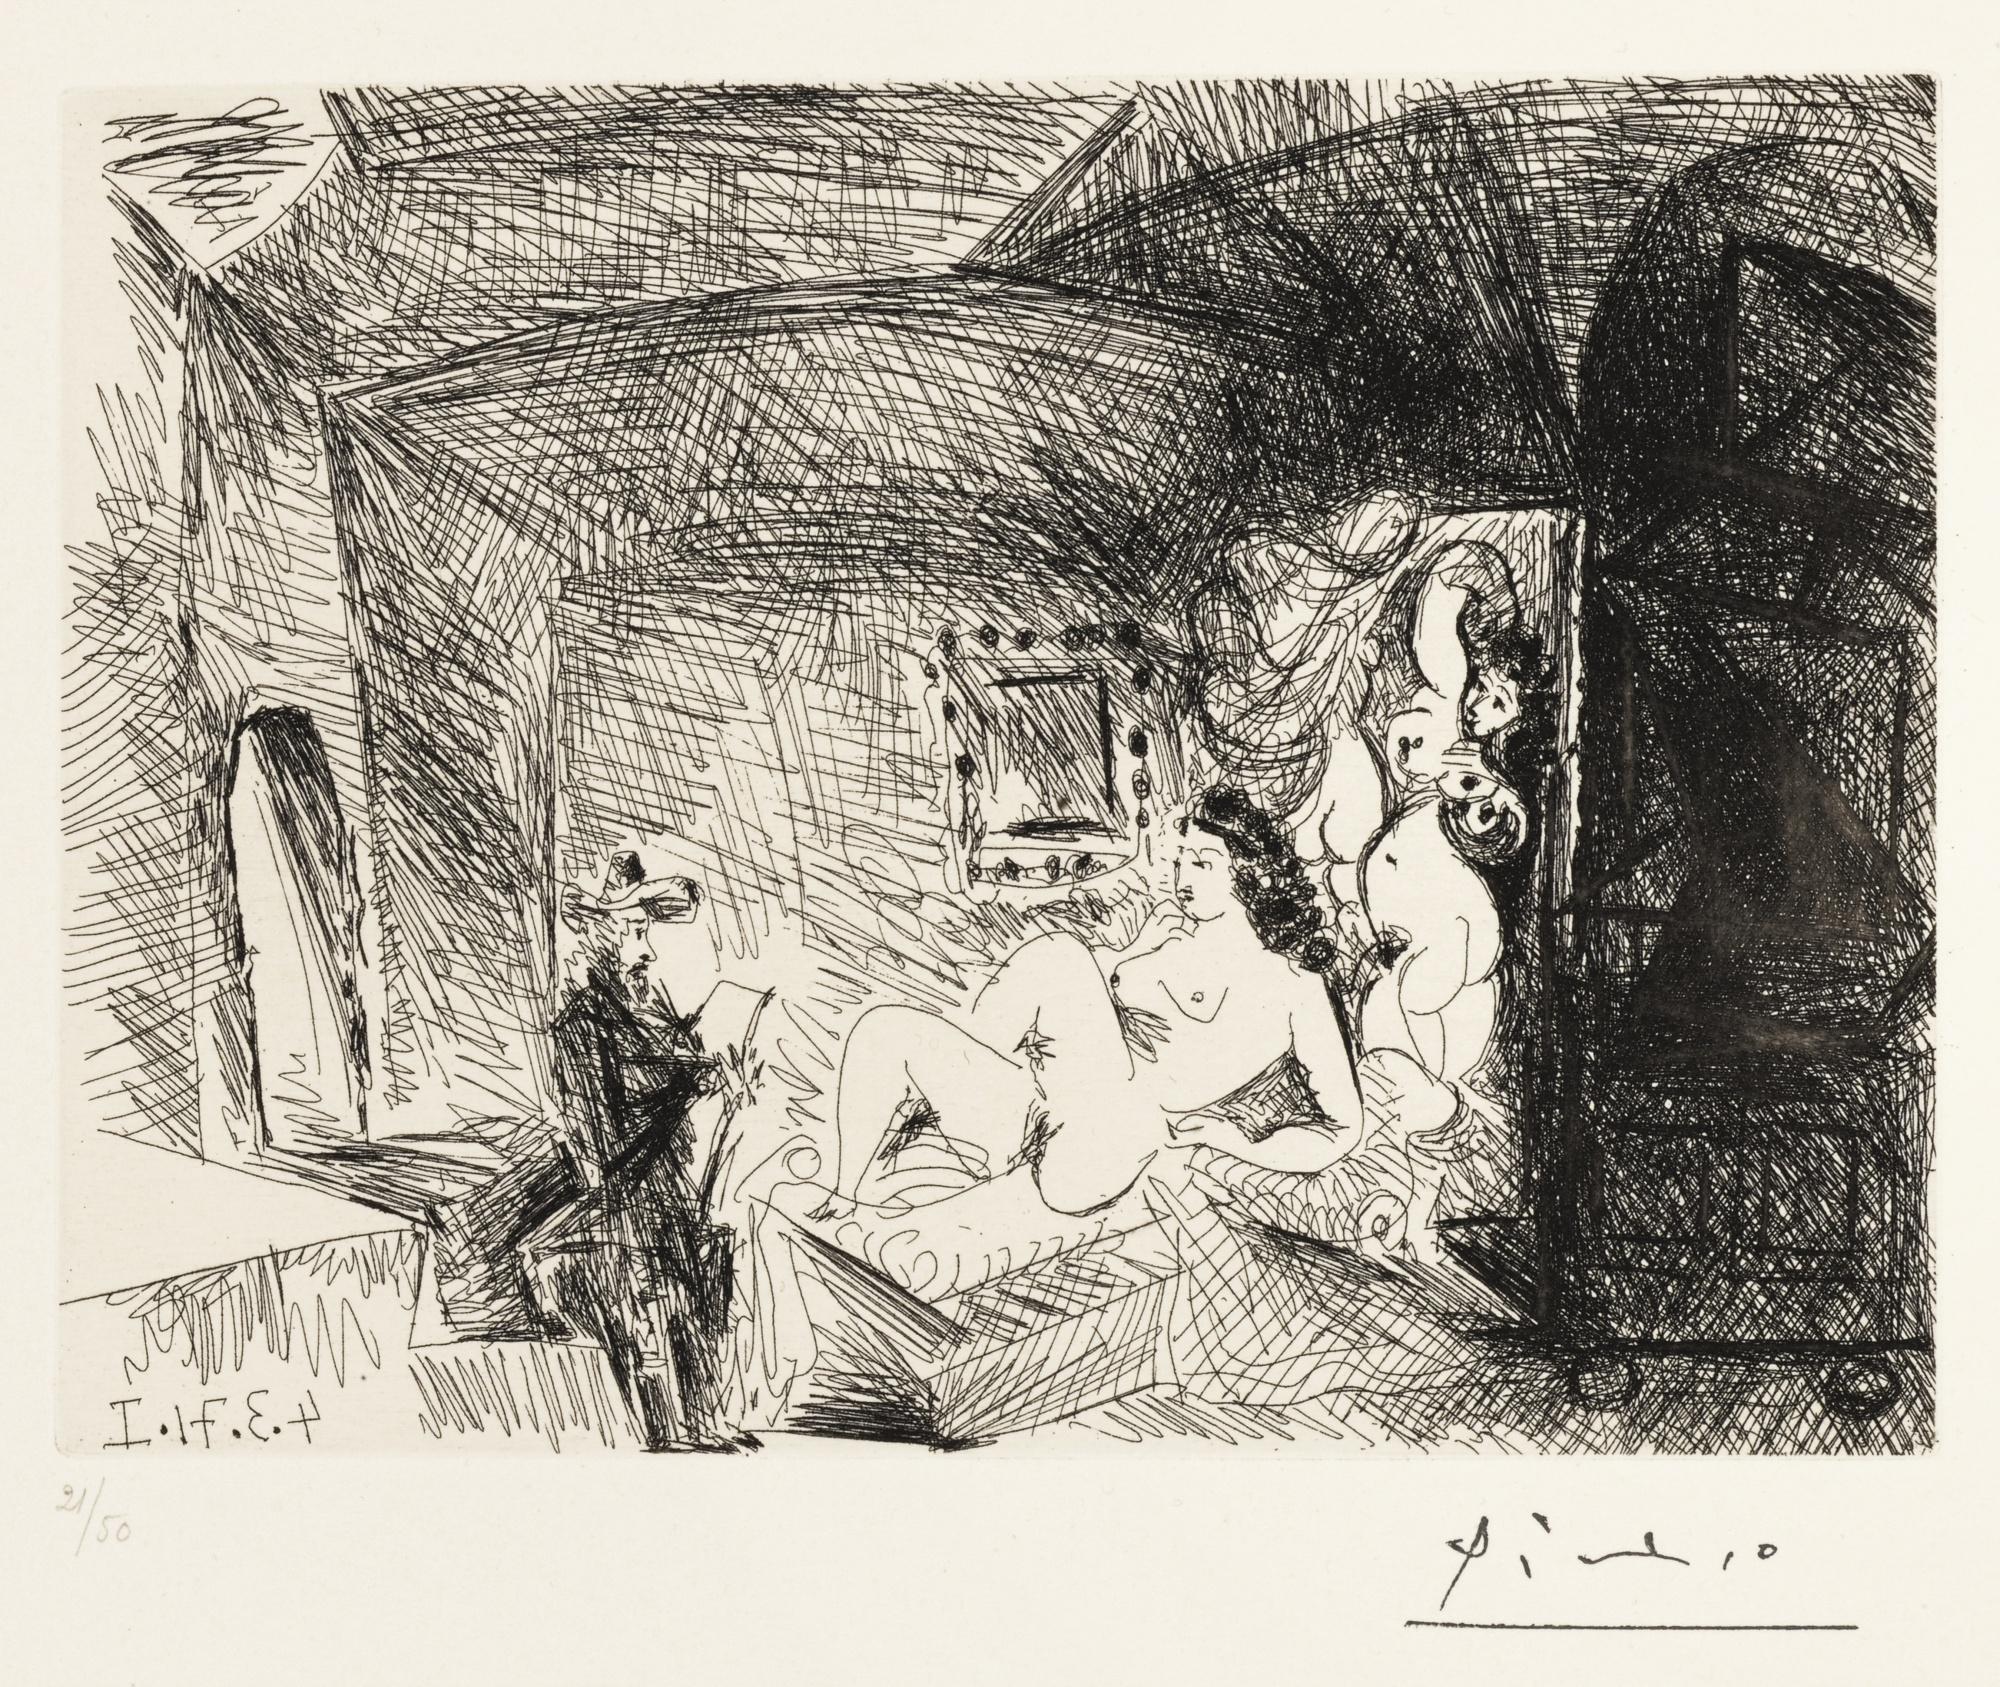 Pablo Picasso-Peintre, Modele Et Toile Dans Une Piece Voutee Du Xviie Siecle-1971